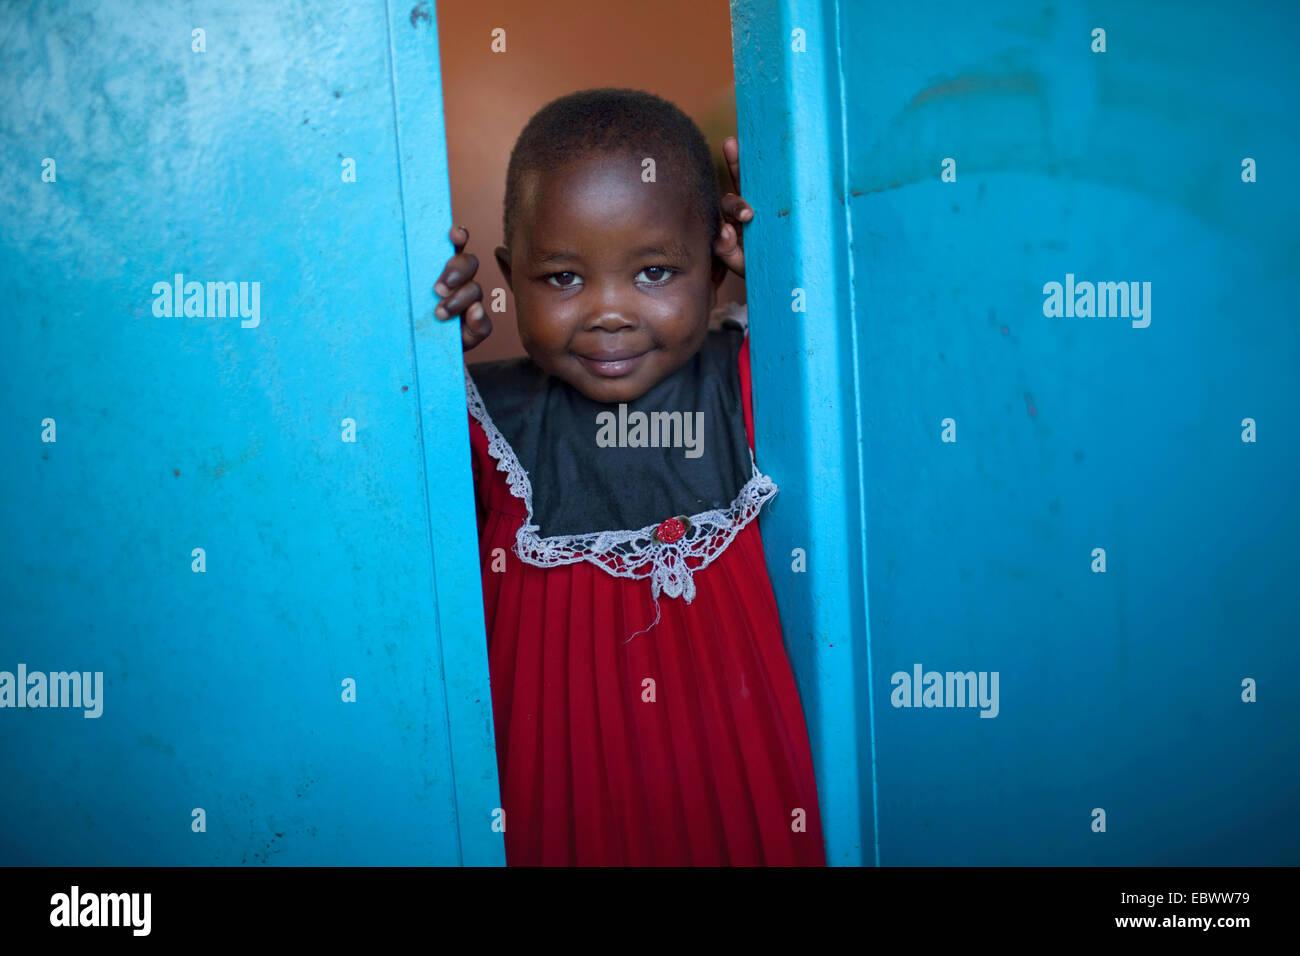 Petite fille dans un tissu rouge à la recherche d'une porte bleue, BURUNDI, Bujumbura Mairie, Bujumbura Banque D'Images